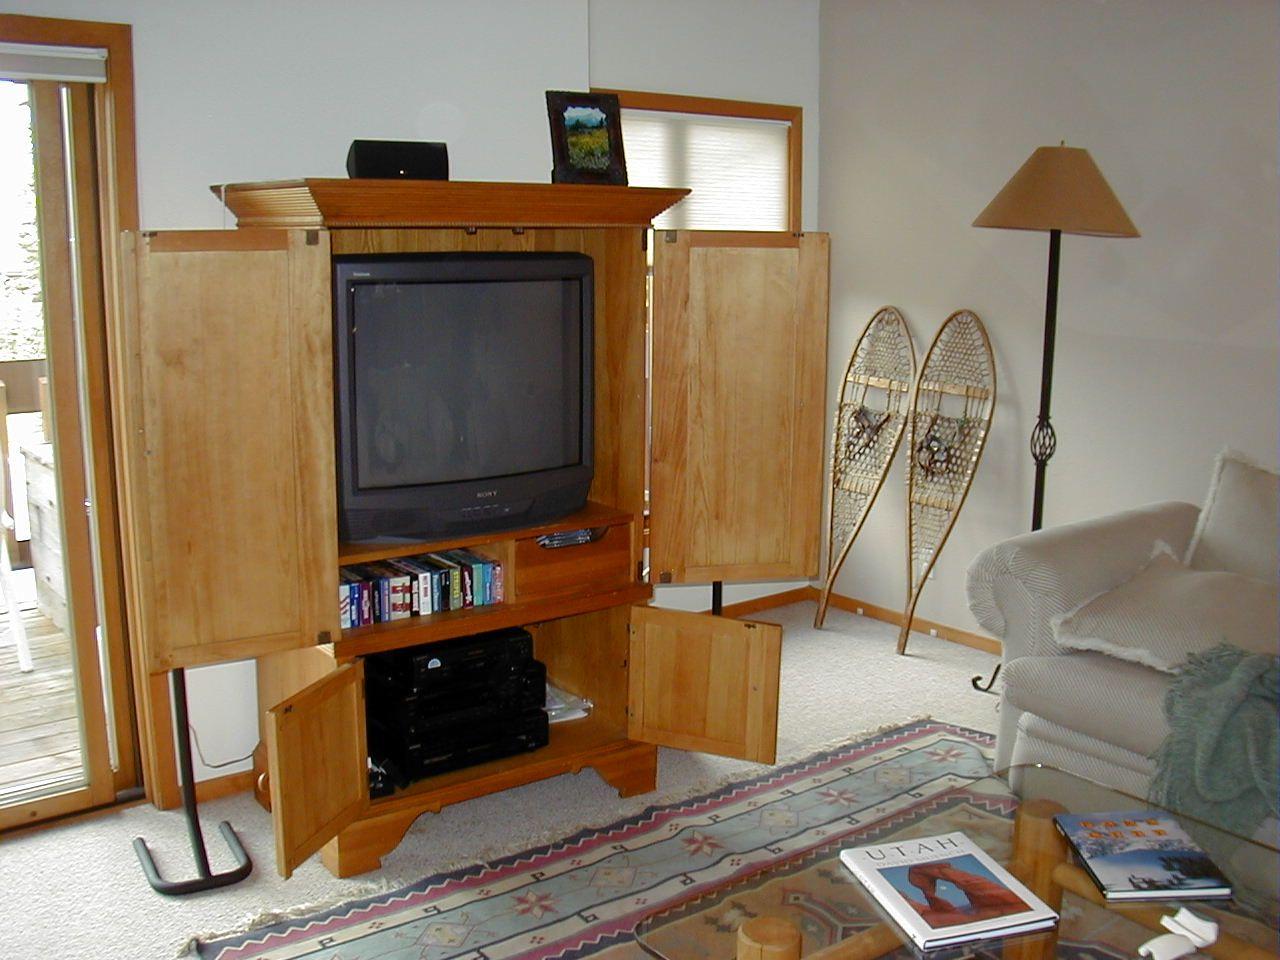 Zeitgenössische Wohnzimmer Mit TV Wand Ideen Möbel die Dekoration ...